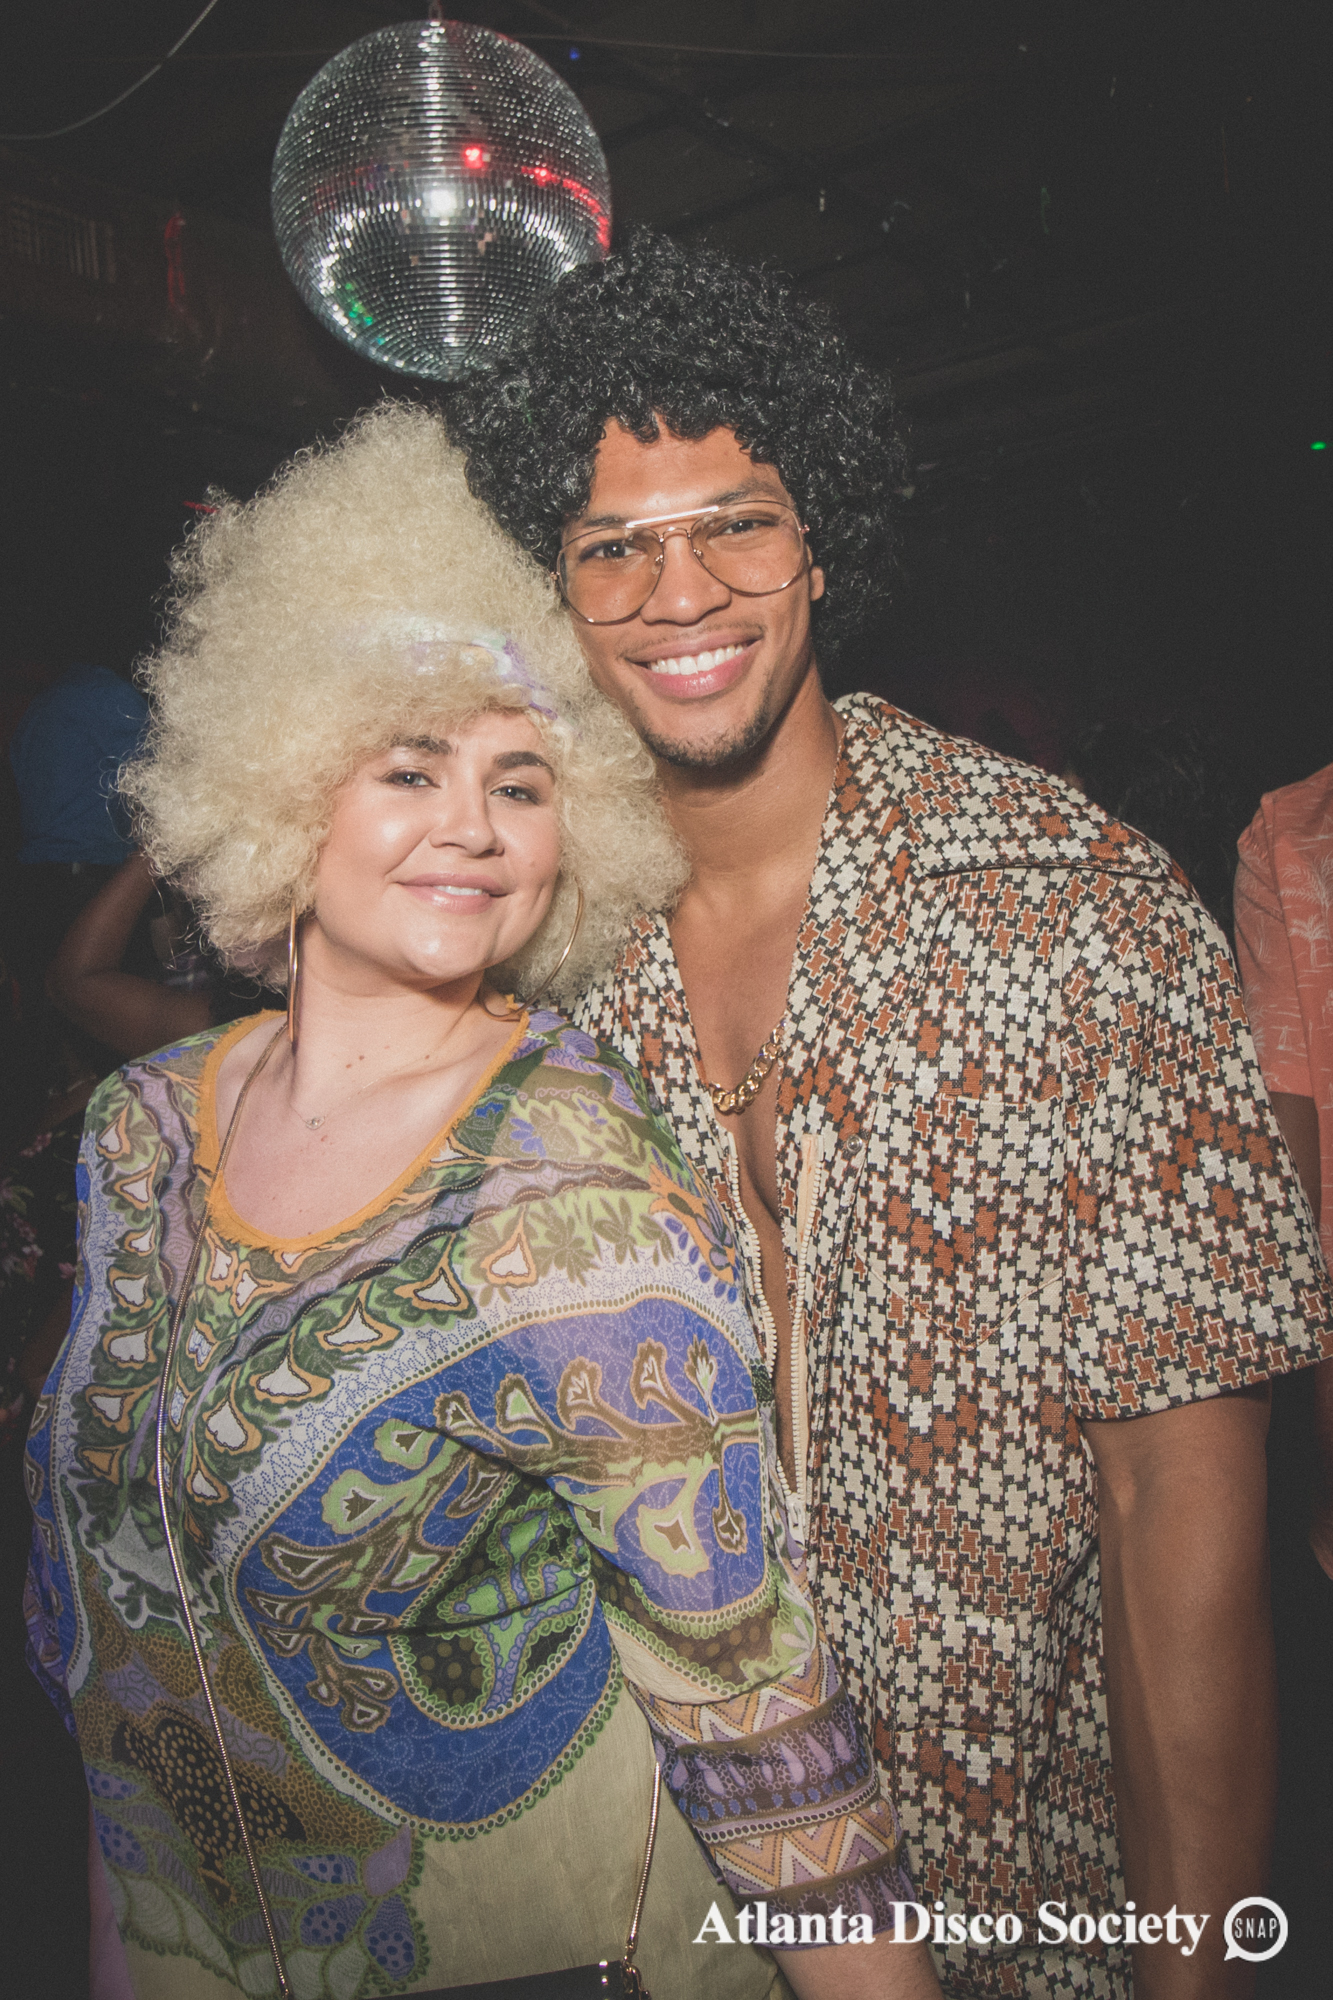 18Atlanta Disco Society Grace Kelly Oh Snap Kid 7.27.19.jpg